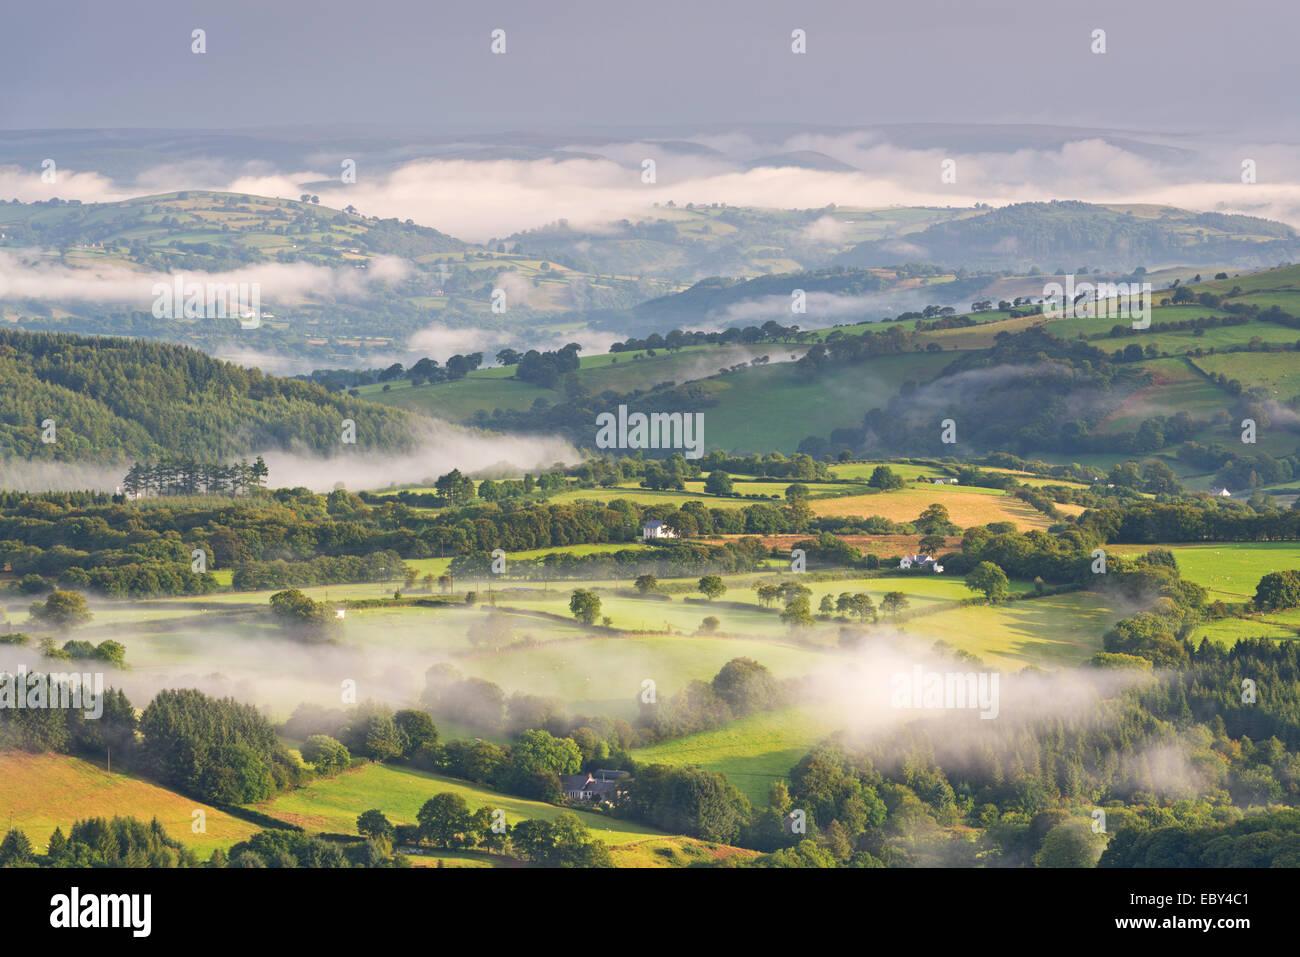 La campagne couverte de brouillard à l'aube, Brecon Beacons, Pays de Galles. L'été (août) Photo Stock